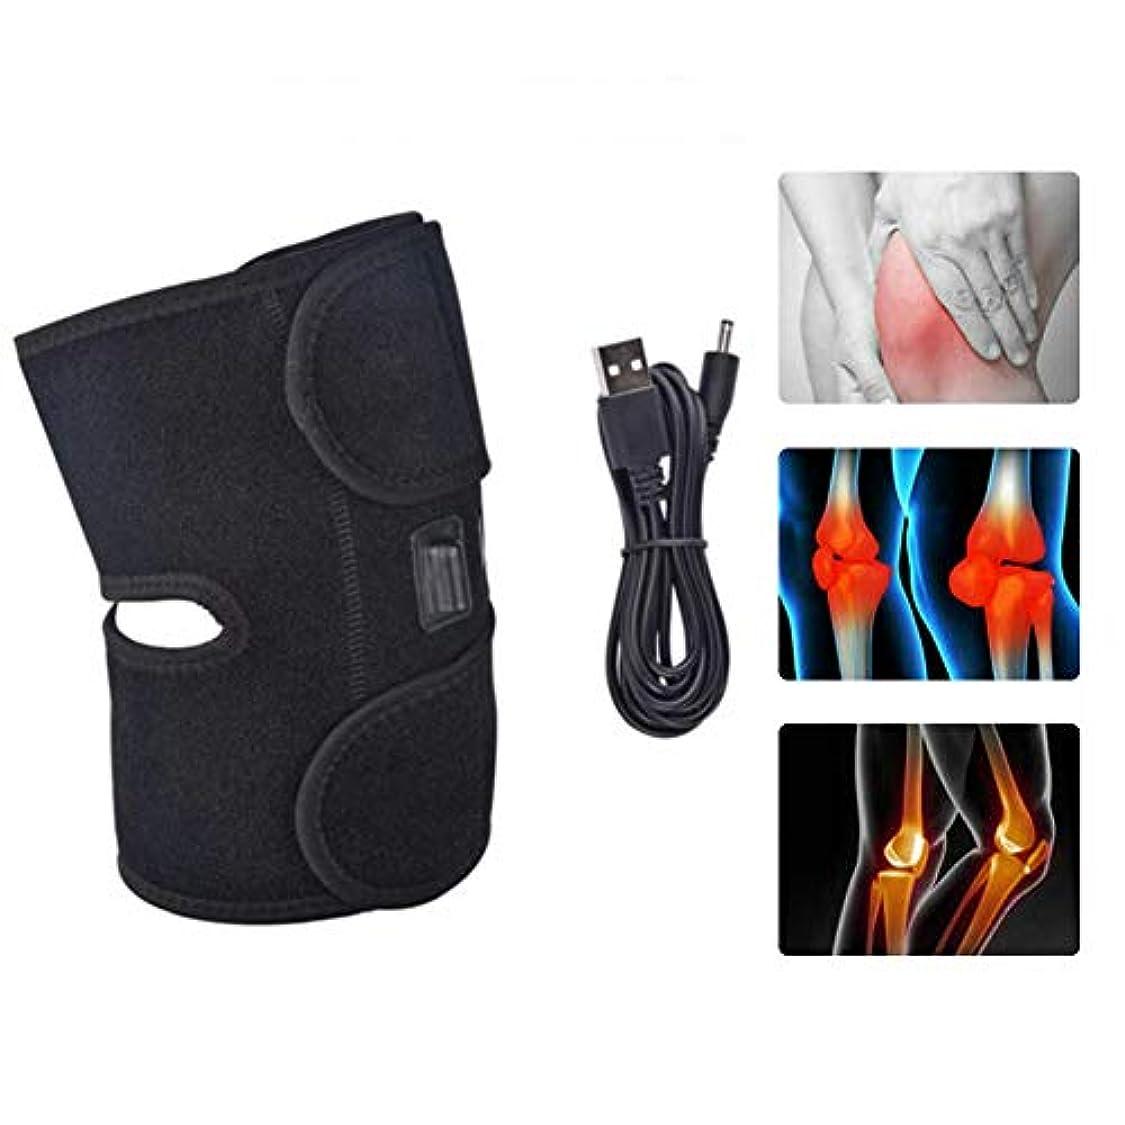 独特のフレット句膝の怪我のための3つのファイル温度療法の熱い圧縮の熱くするパッド膝の暖かいラップが付いている電気暖房の膝支柱,2pcs